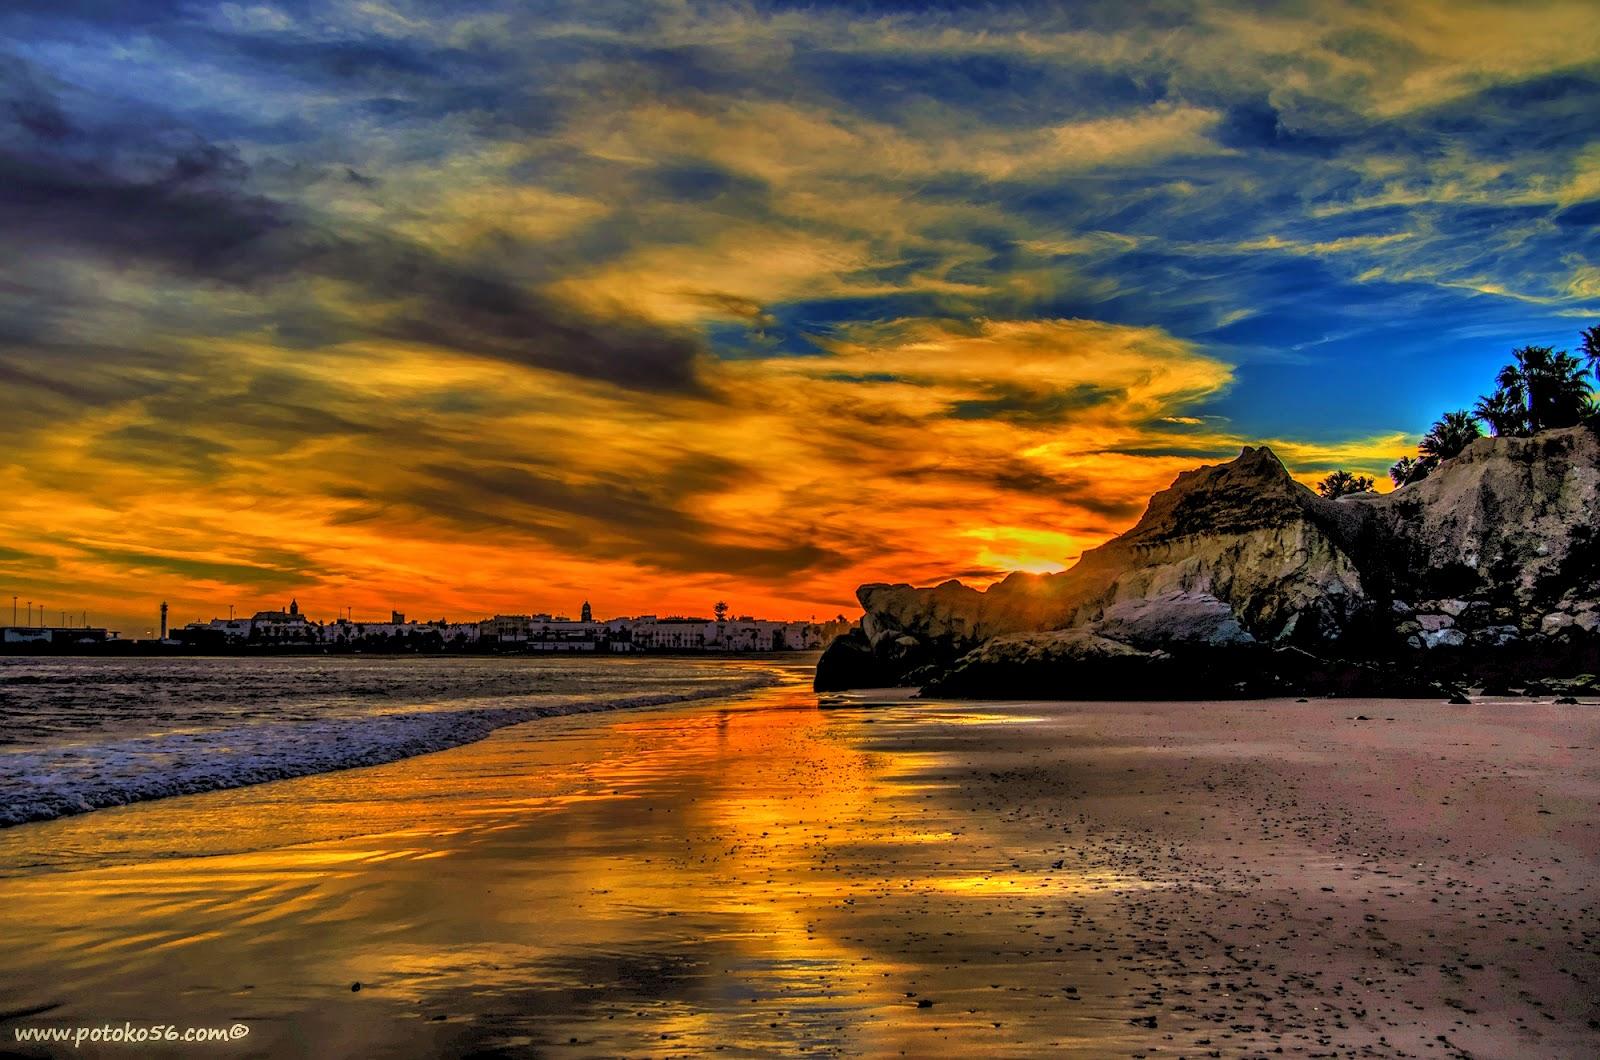 Puesta de sol desde la playa de los galeones en Rota